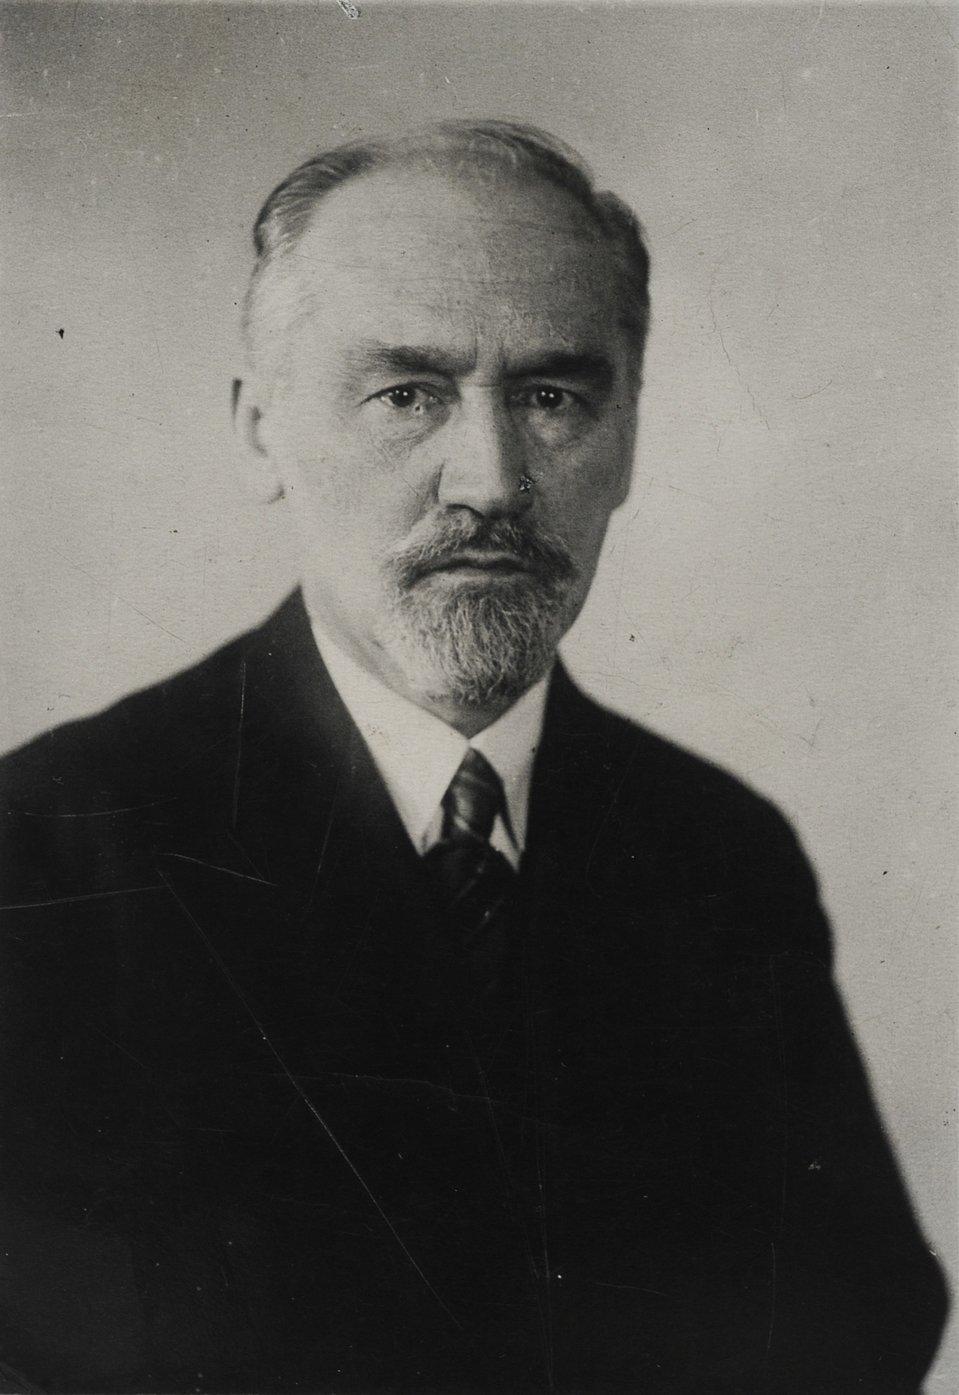 zdjęcie-portret Karola Irzykowskiego Źródło: polona.pl, domena publiczna.